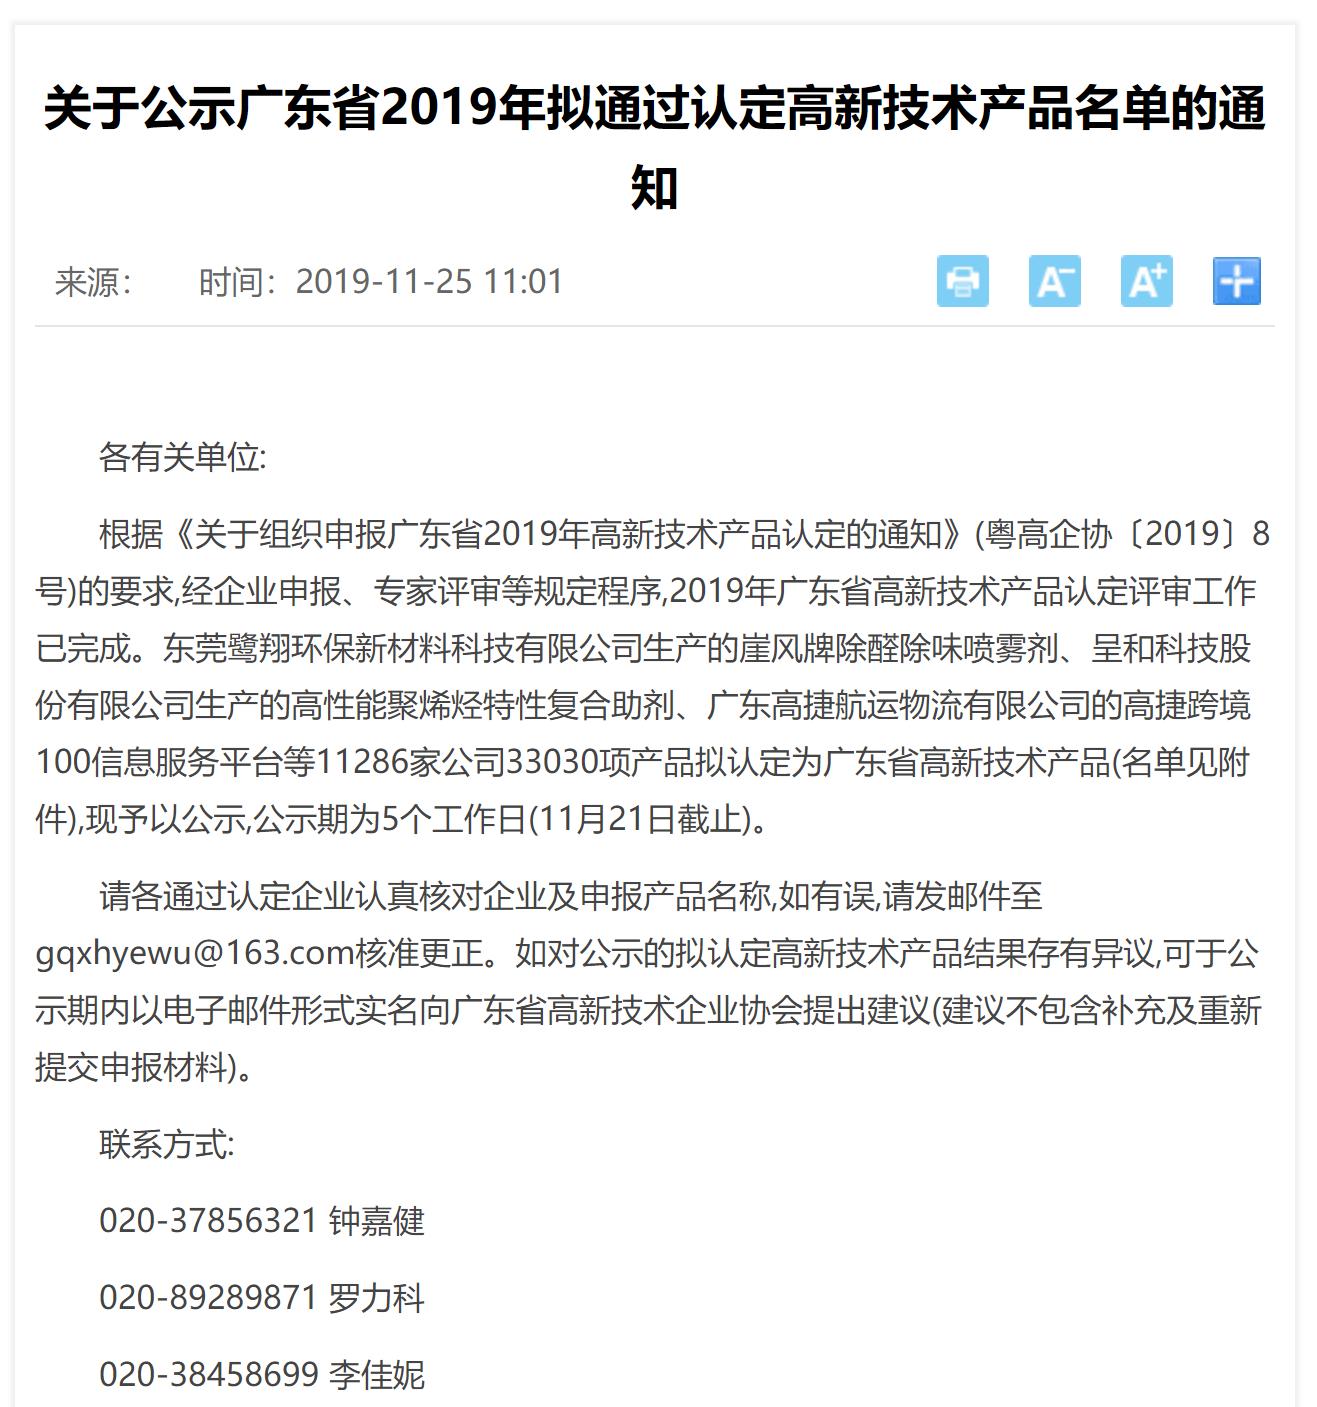 关于公示广东省2019年拟通过认定高新技术产品名单的通知,崖风系列产品上榜